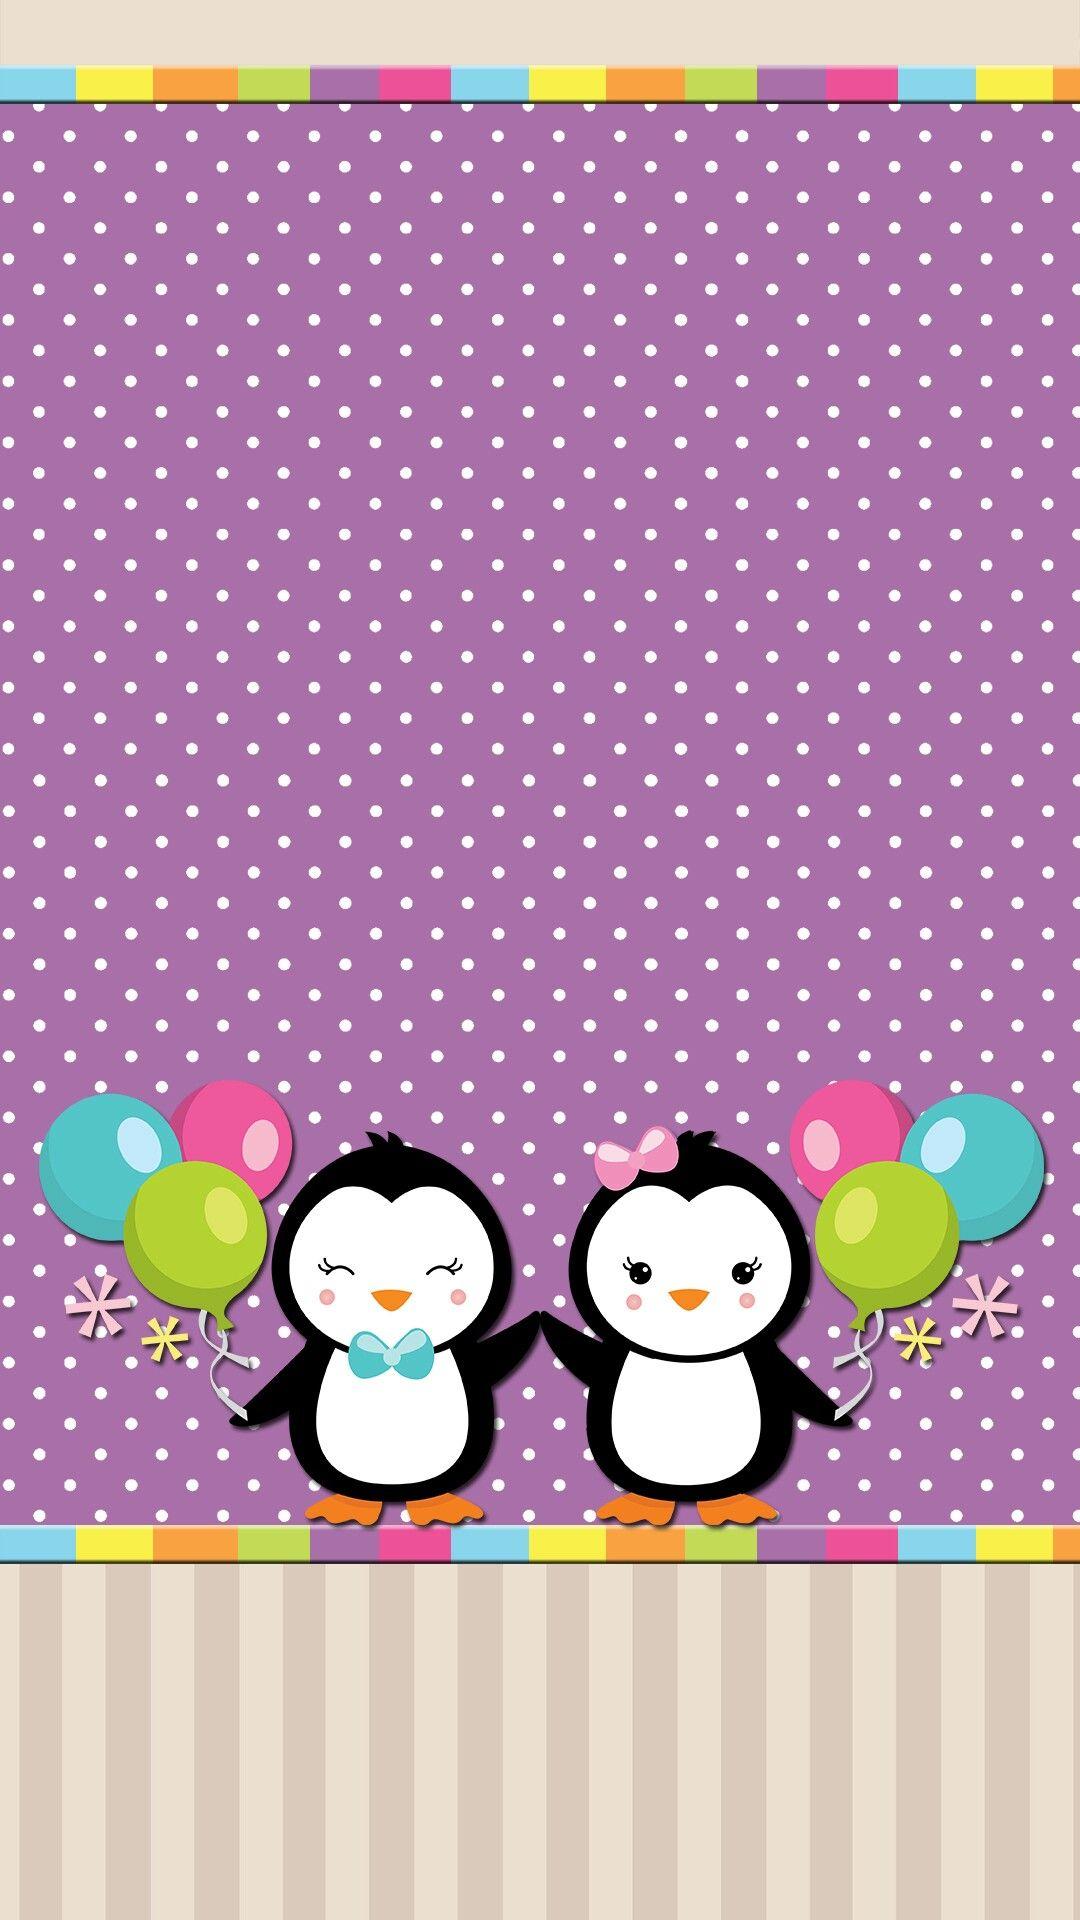 Top Wallpaper Hello Kitty Smartphone - 74ebcc7f54f5cc89fdd9247906a1bb30  Graphic_11940.jpg